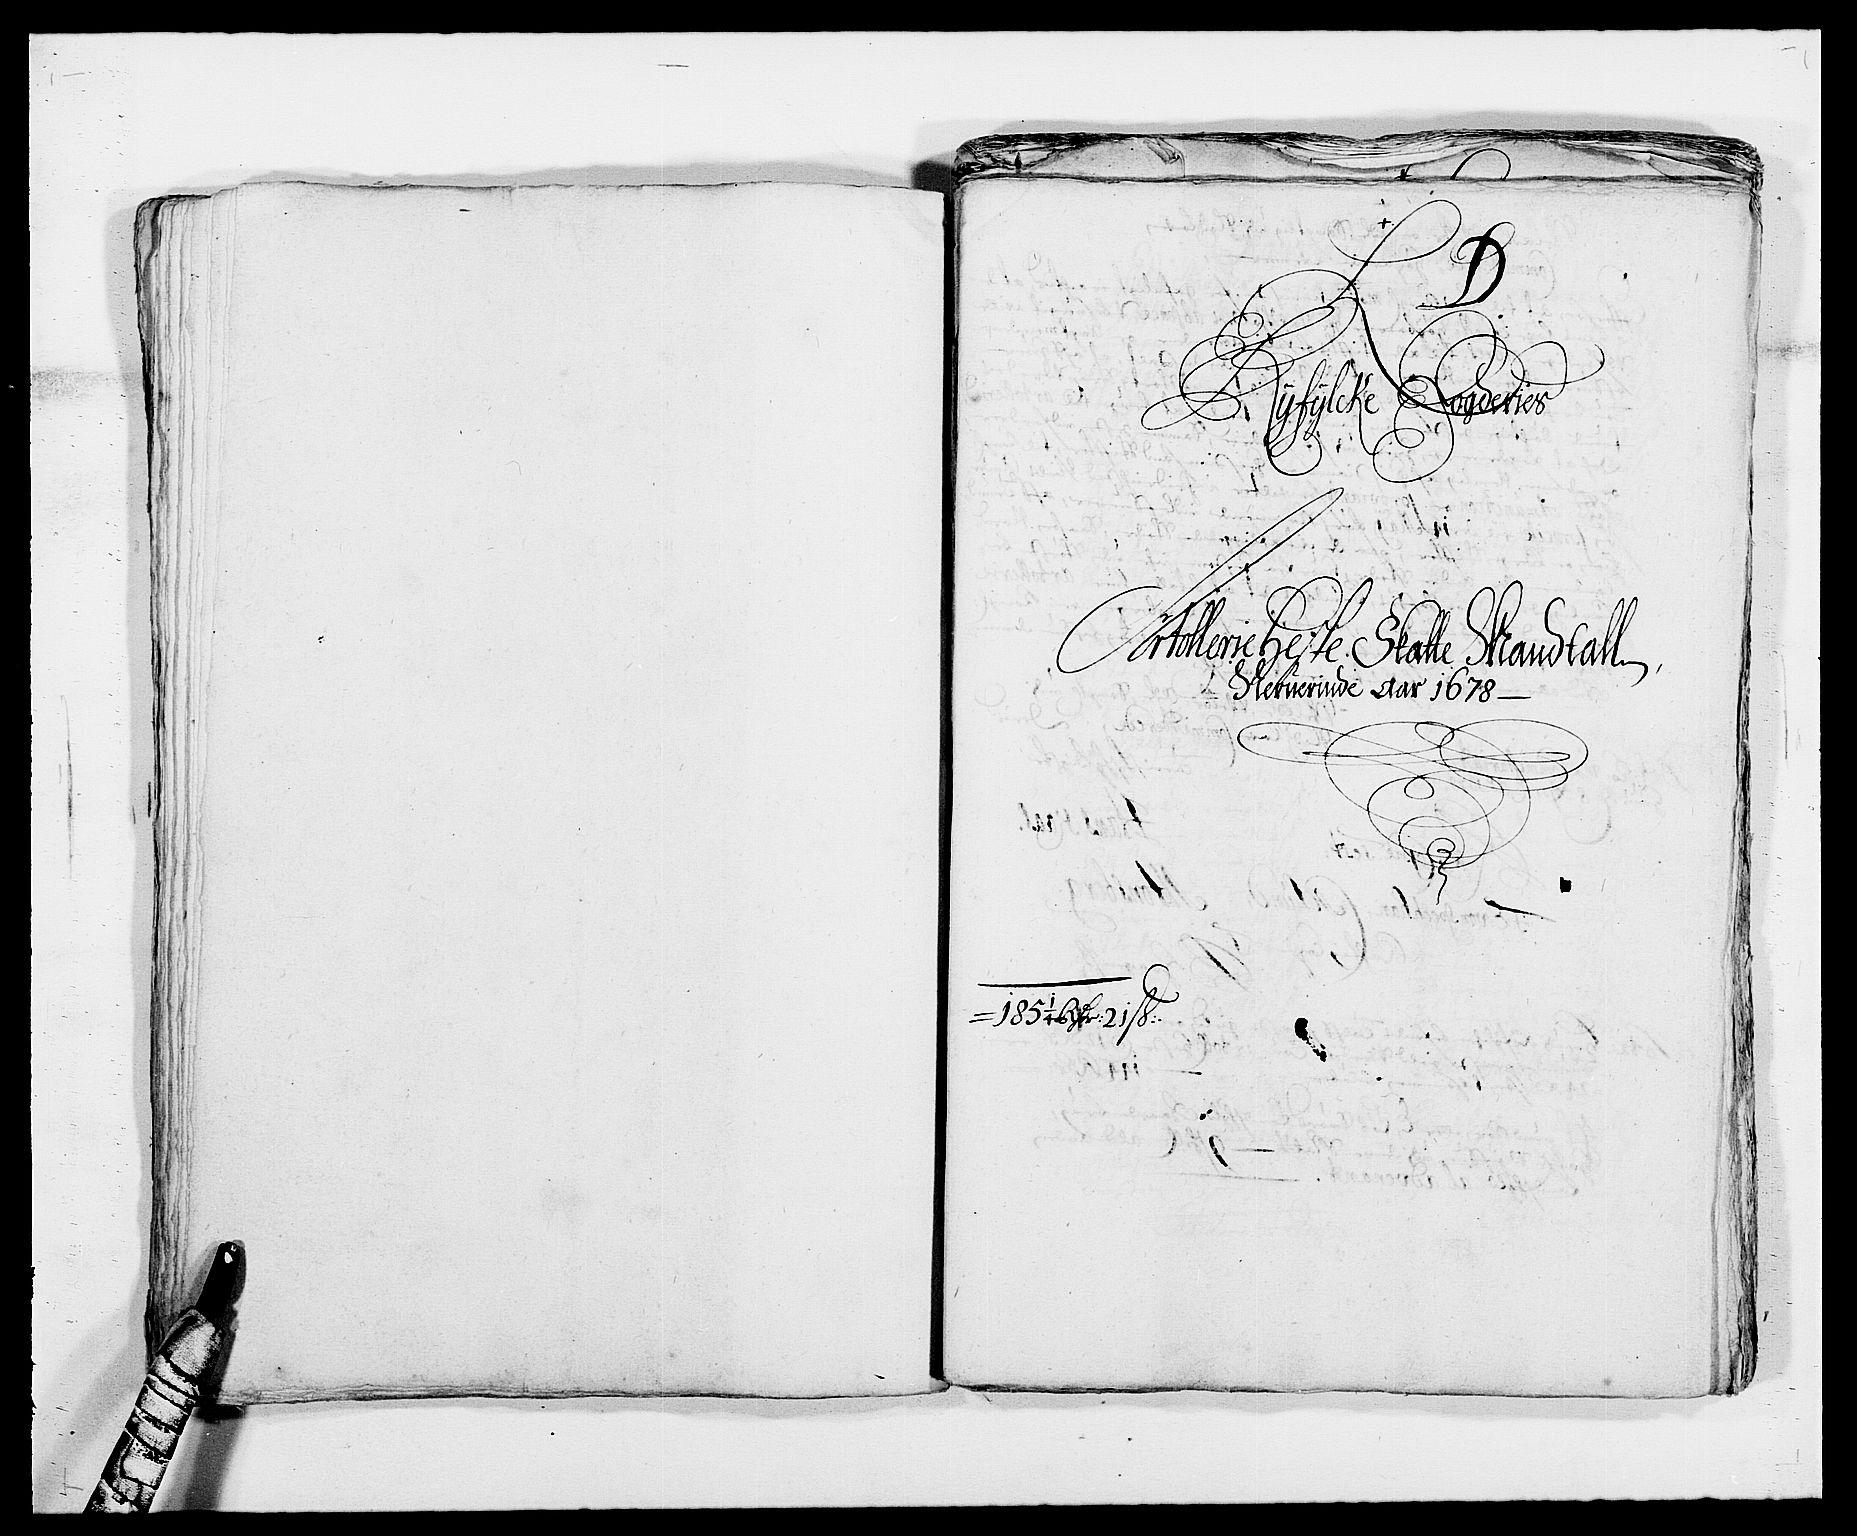 RA, Rentekammeret inntil 1814, Reviderte regnskaper, Fogderegnskap, R47/L2848: Fogderegnskap Ryfylke, 1678, s. 175